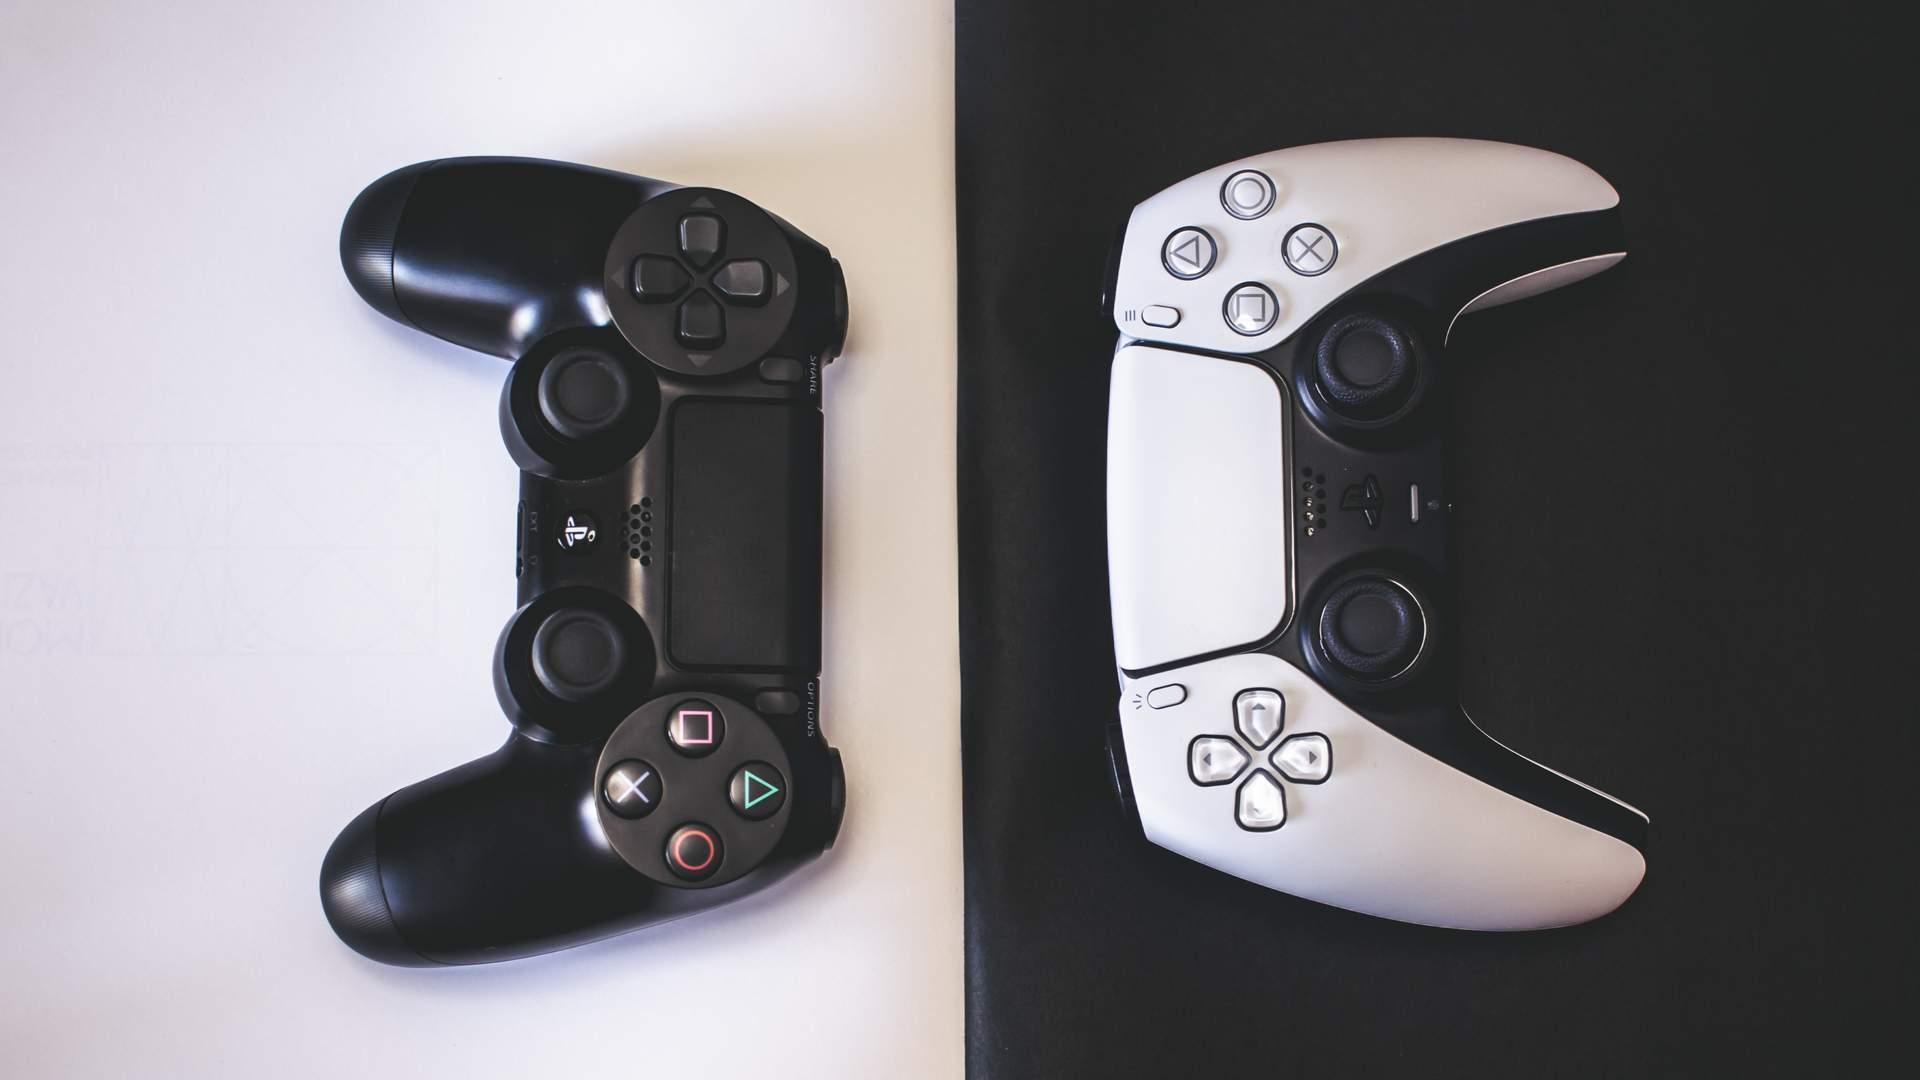 Controle do PS5, à direita, o DualSense tem diferenças de design para o controle do PS4, o DualShock 4 (Fonte: Mohsen Vaziri / Shutterstock.com)